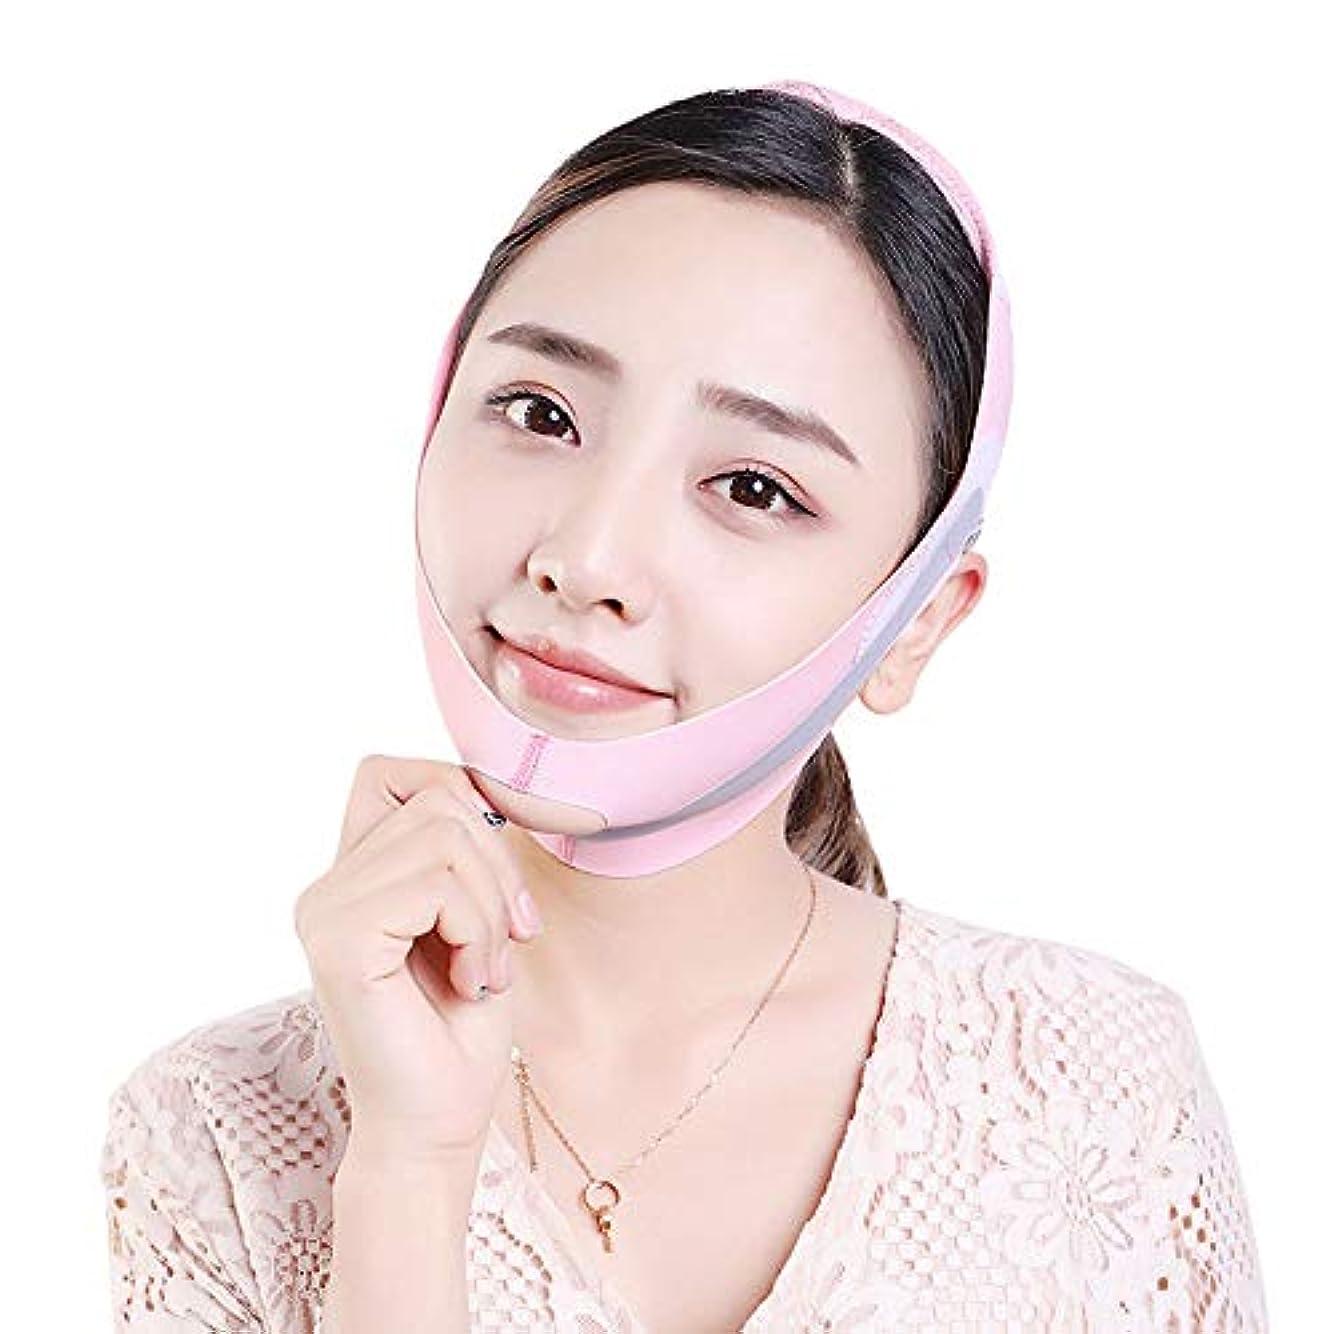 夢外側警報滑らかで フェイスマスク、Vフェイス包帯/リフティング咬筋収縮あご/ネックサポートリフトVフェイスベルト(ピンク)